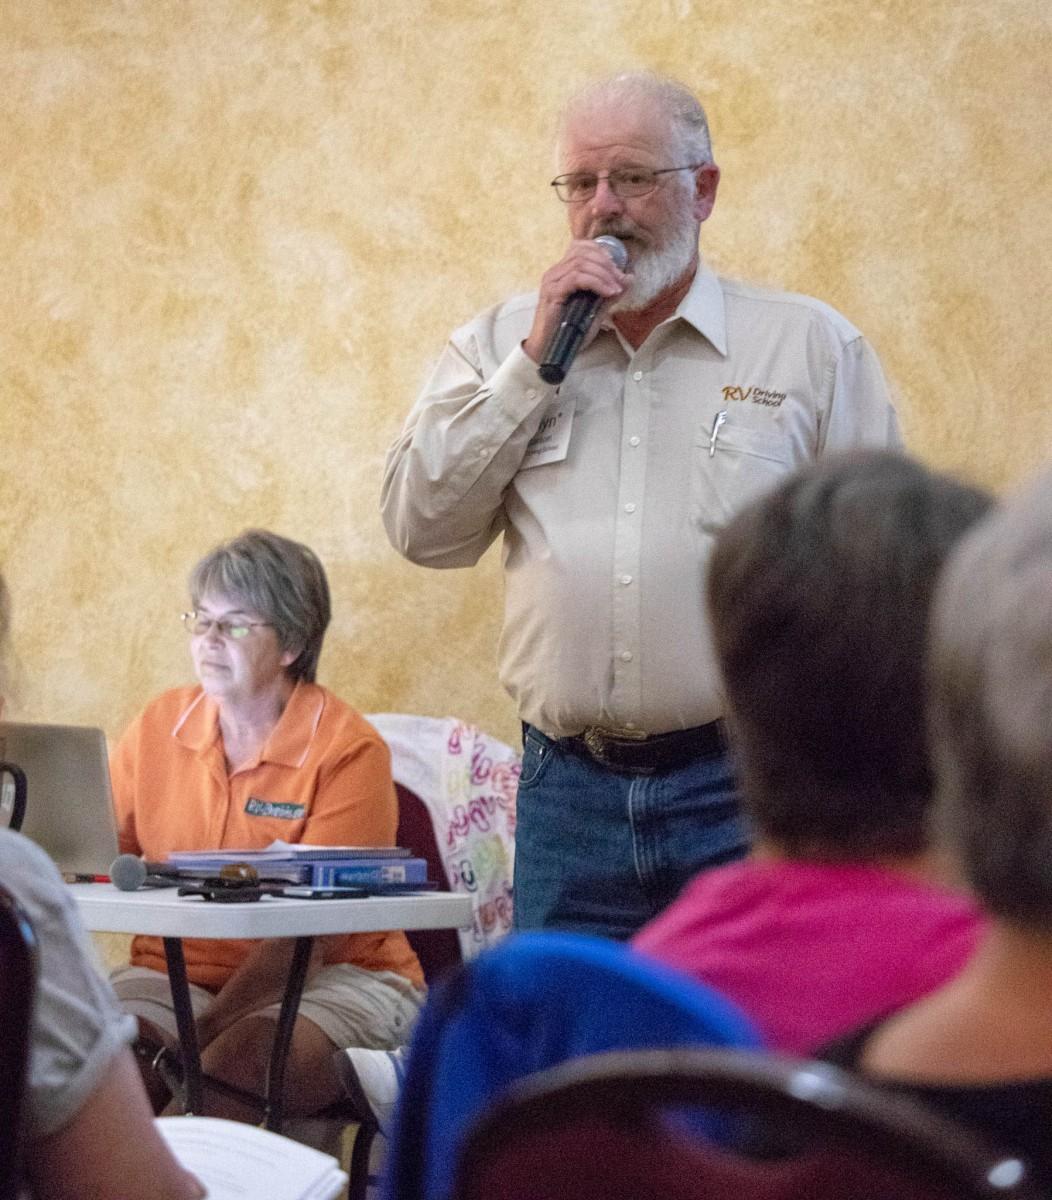 Glyn Carson, RV Driving School Instructor